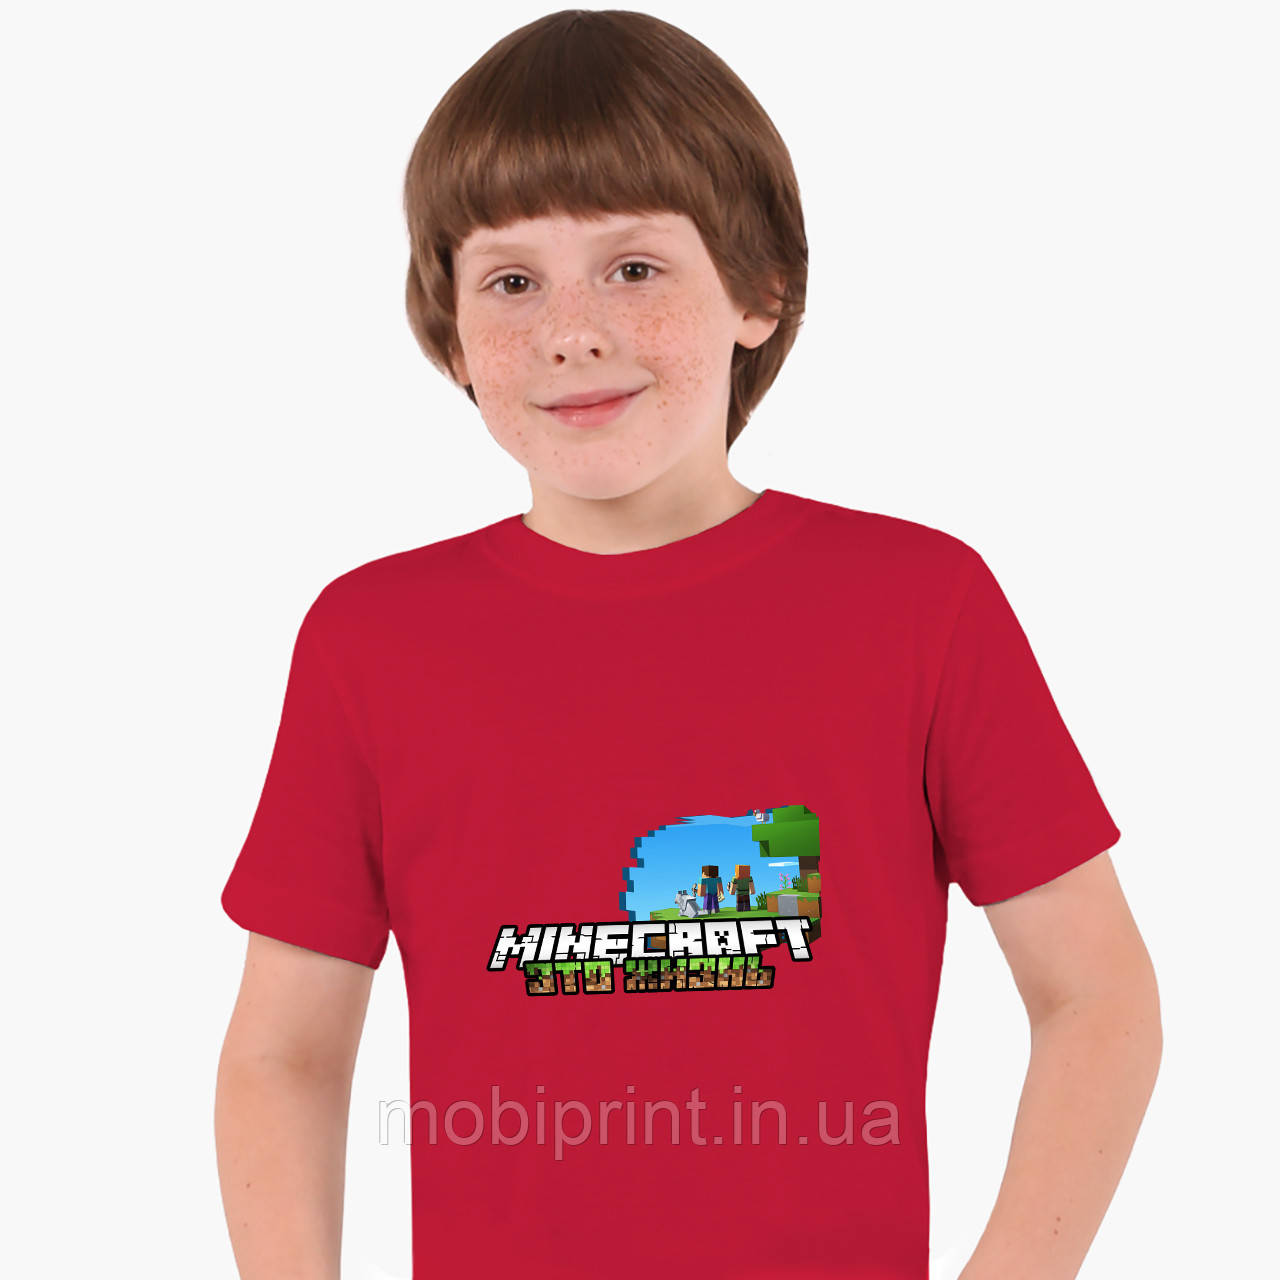 Детская футболка для мальчиков Майнкрафт (Minecraft) (25186-1170) Красный